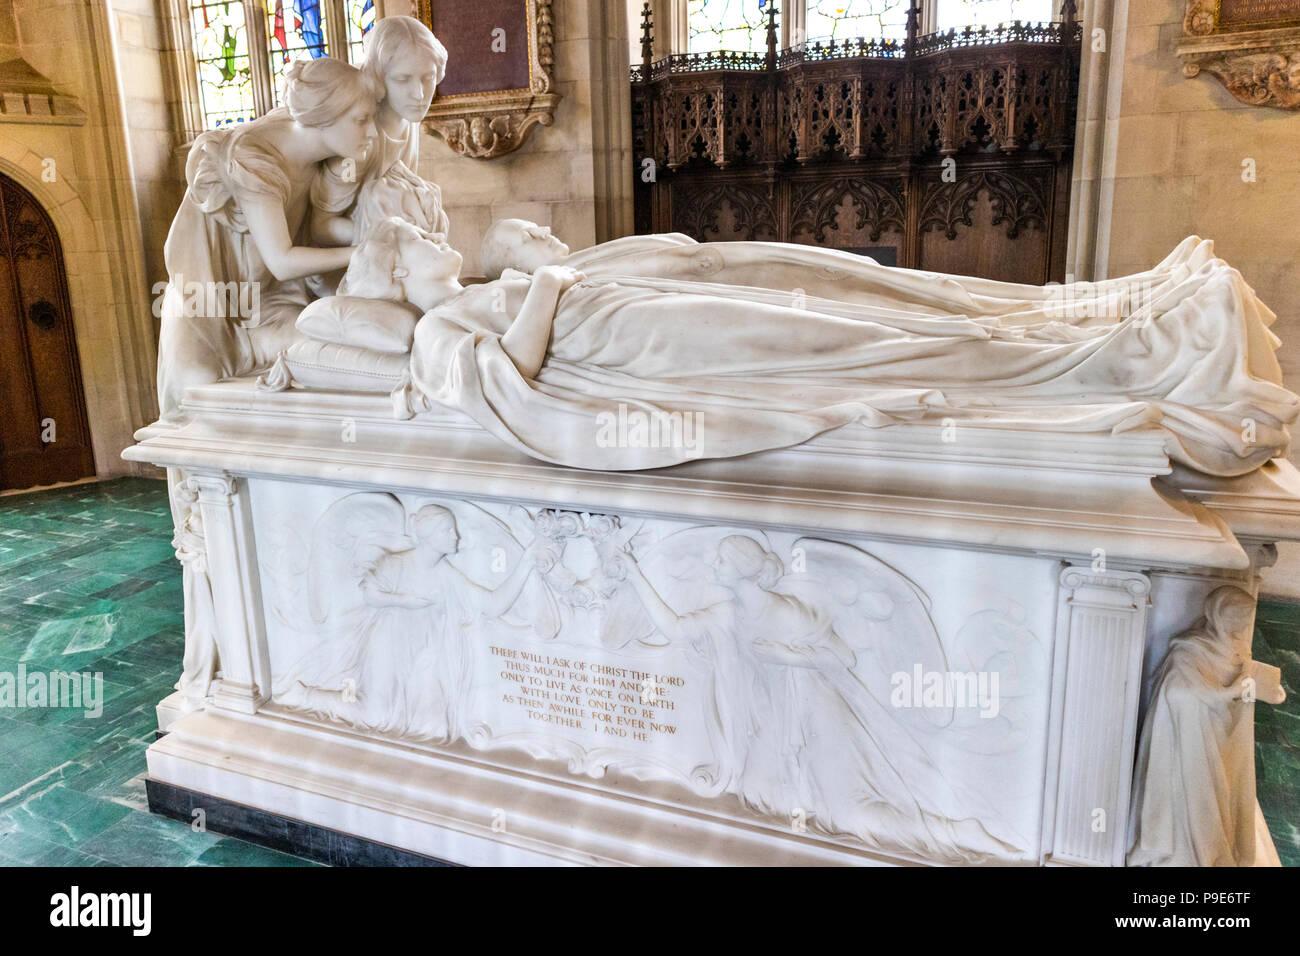 Weißer Marmor Grab von 1 Curzon und seine Frau Mary von G F Bodley 1906 entworfen, in der Kirche von Allerheiligen an Kedleston, Derbyshire UK Stockbild